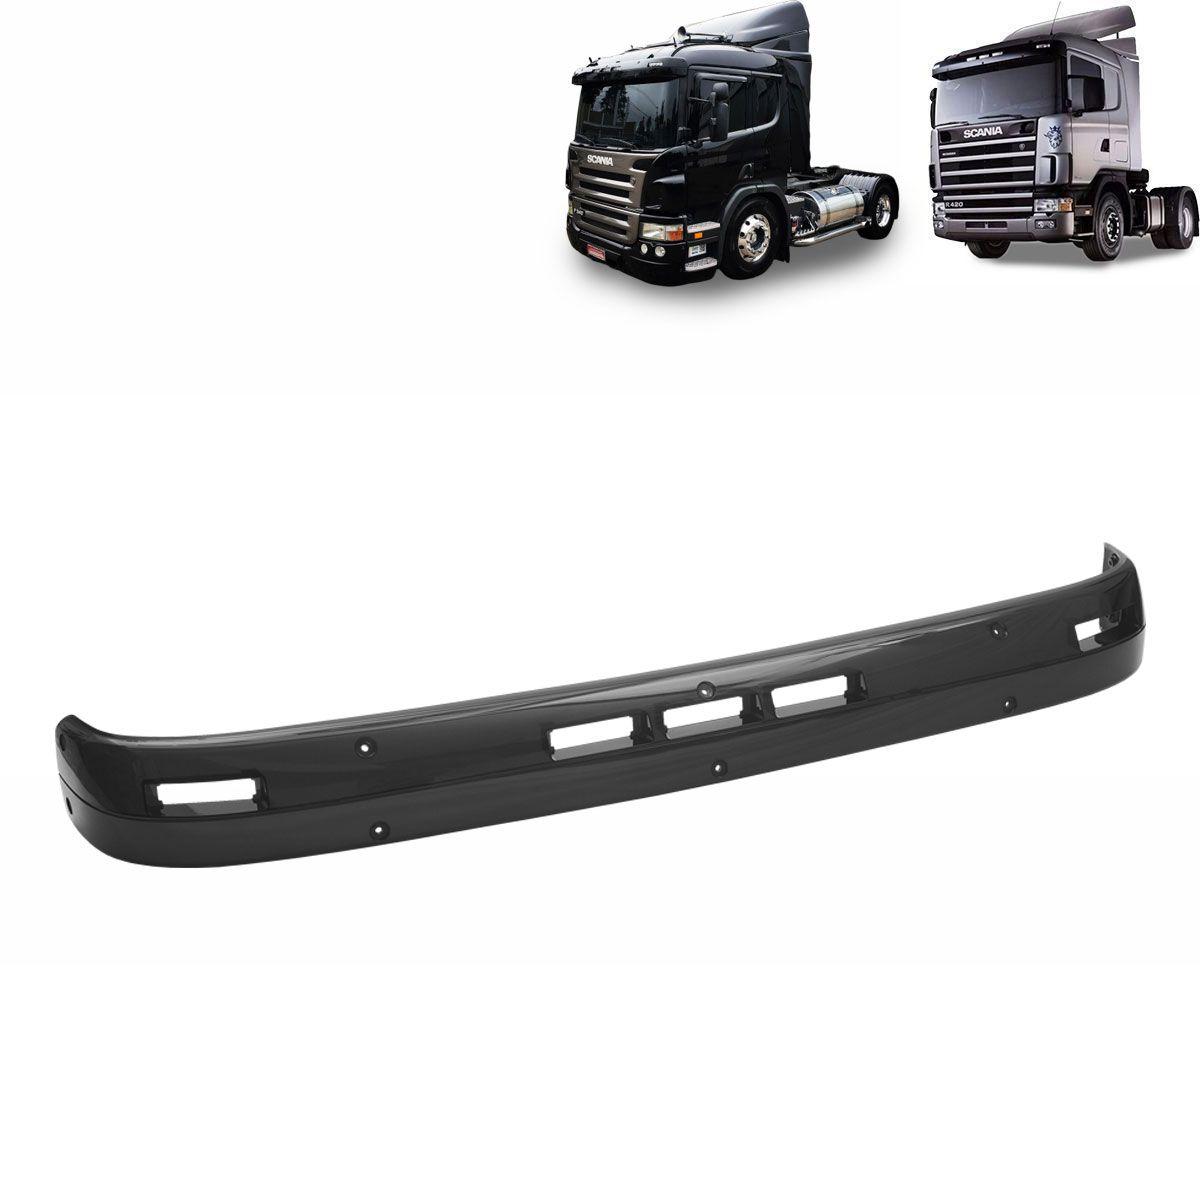 Kit Lâmina Tapa-Sol Acrílico Três Marias compatível com o Caminhão Scania T/R Série 4 Série 5 + Sinaleiras